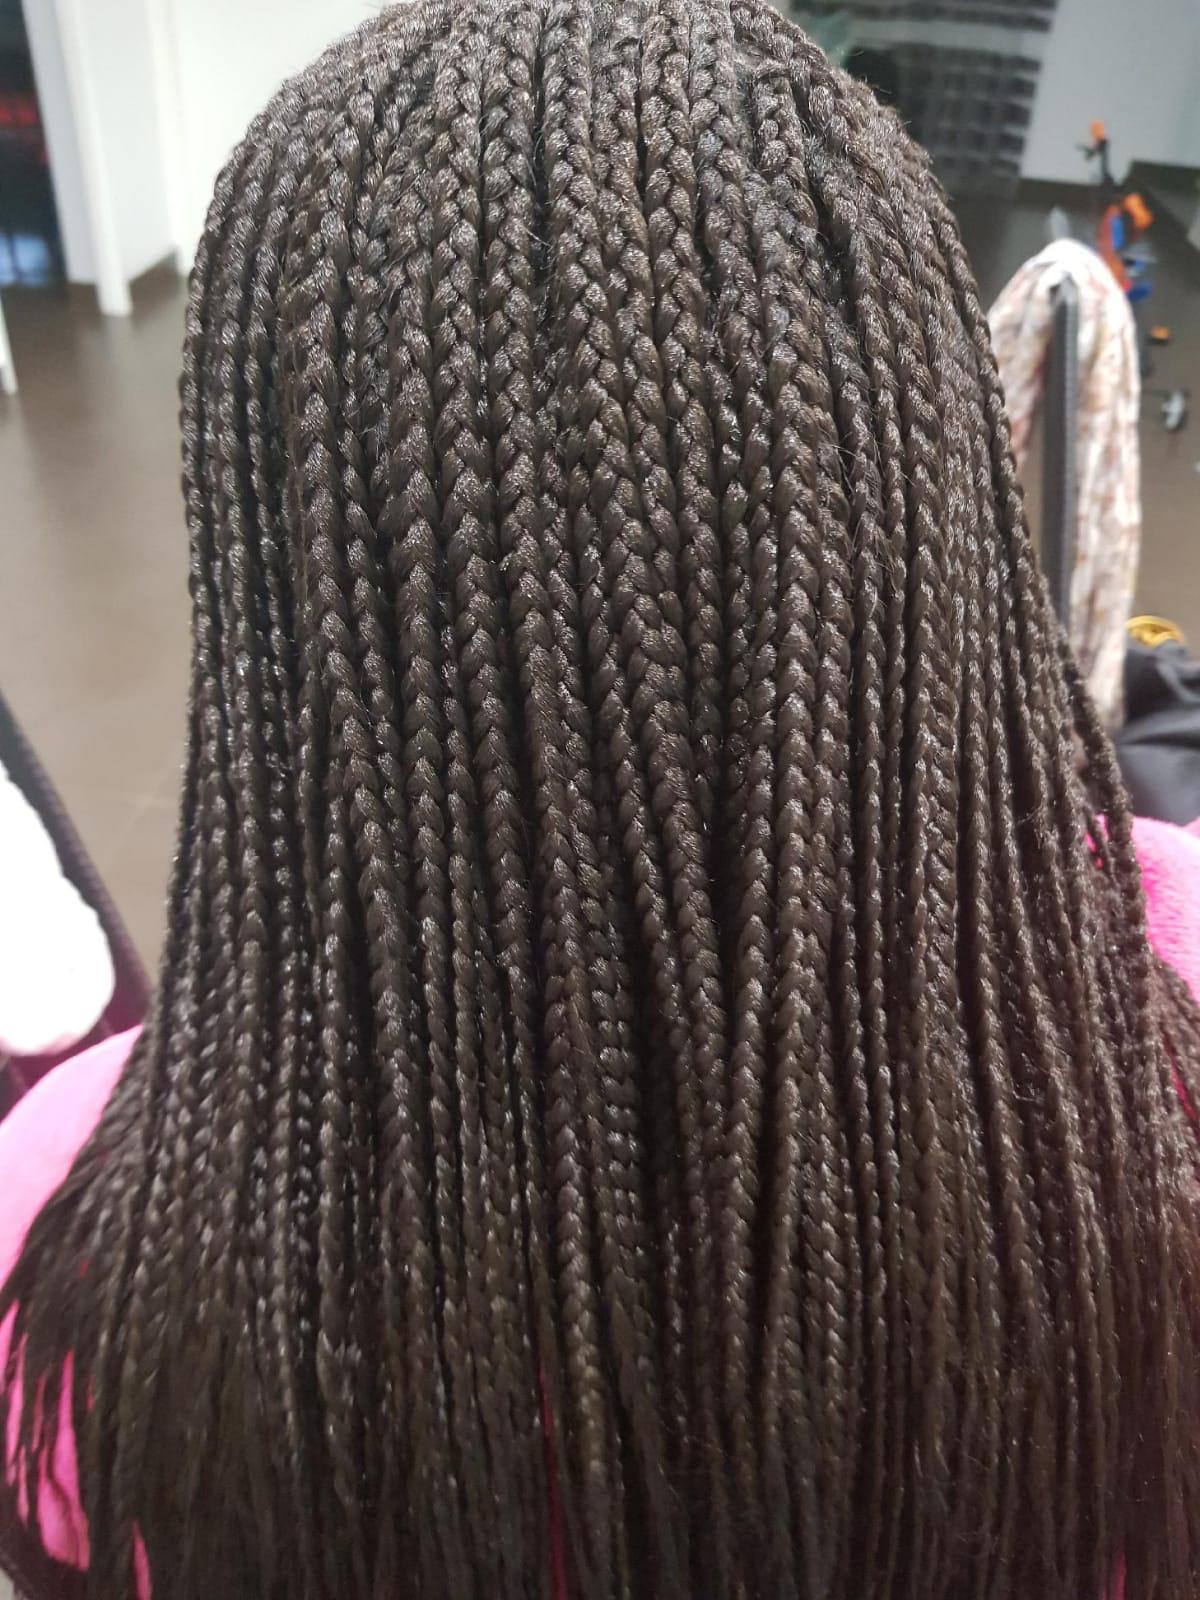 salon de coiffure afro tresse tresses box braids crochet braids vanilles tissages paris 75 77 78 91 92 93 94 95 OZCBBLWQ